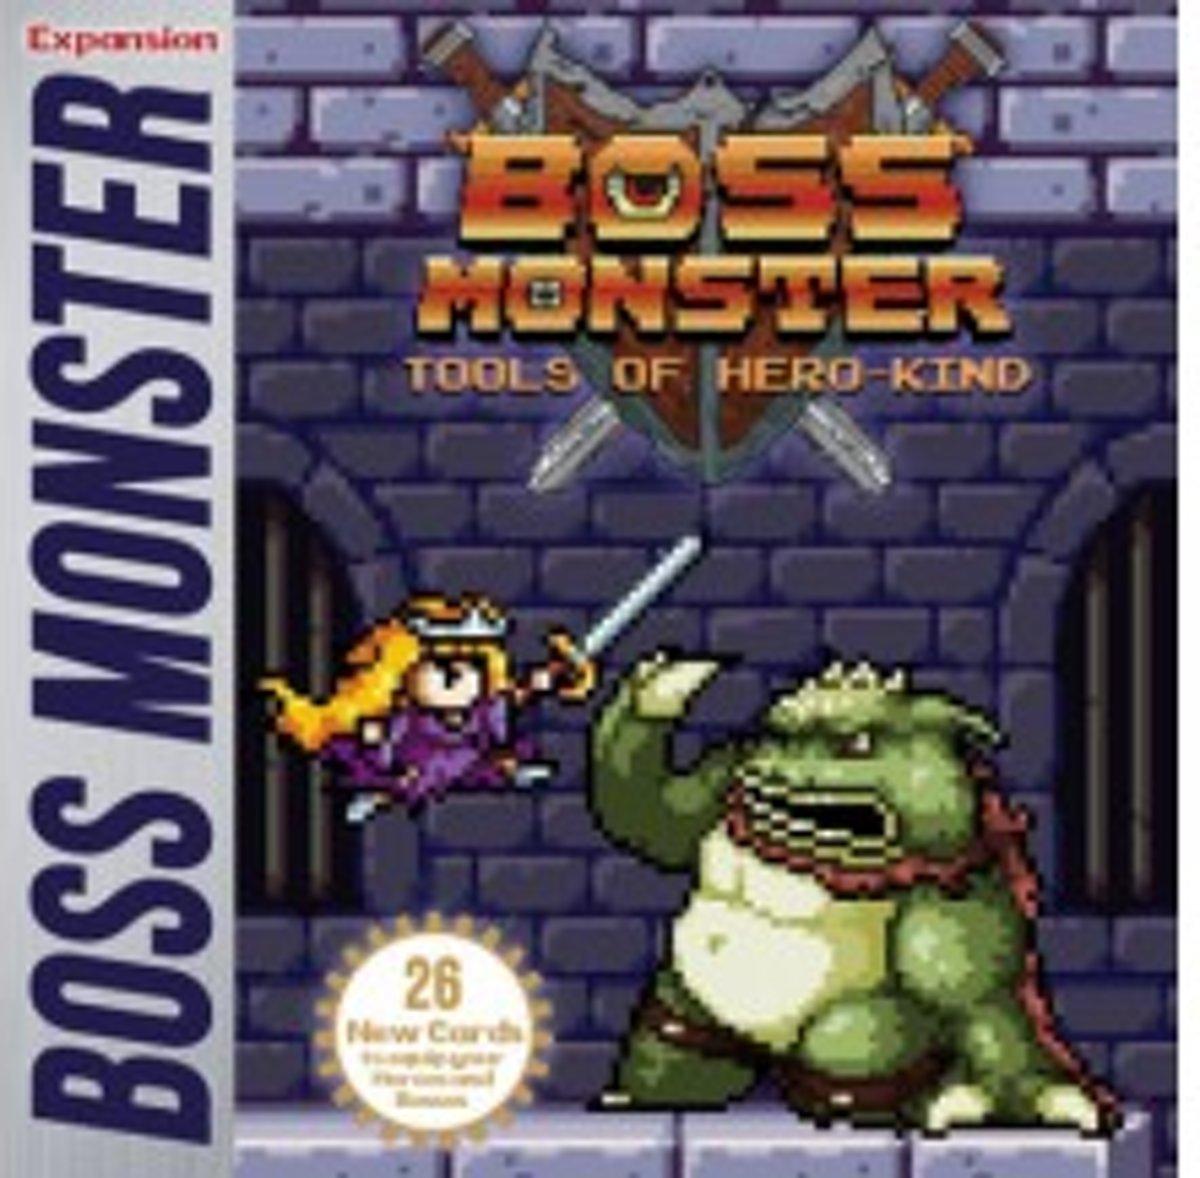 Boss Monster: Tools of Hero-Kind - Kaartspel